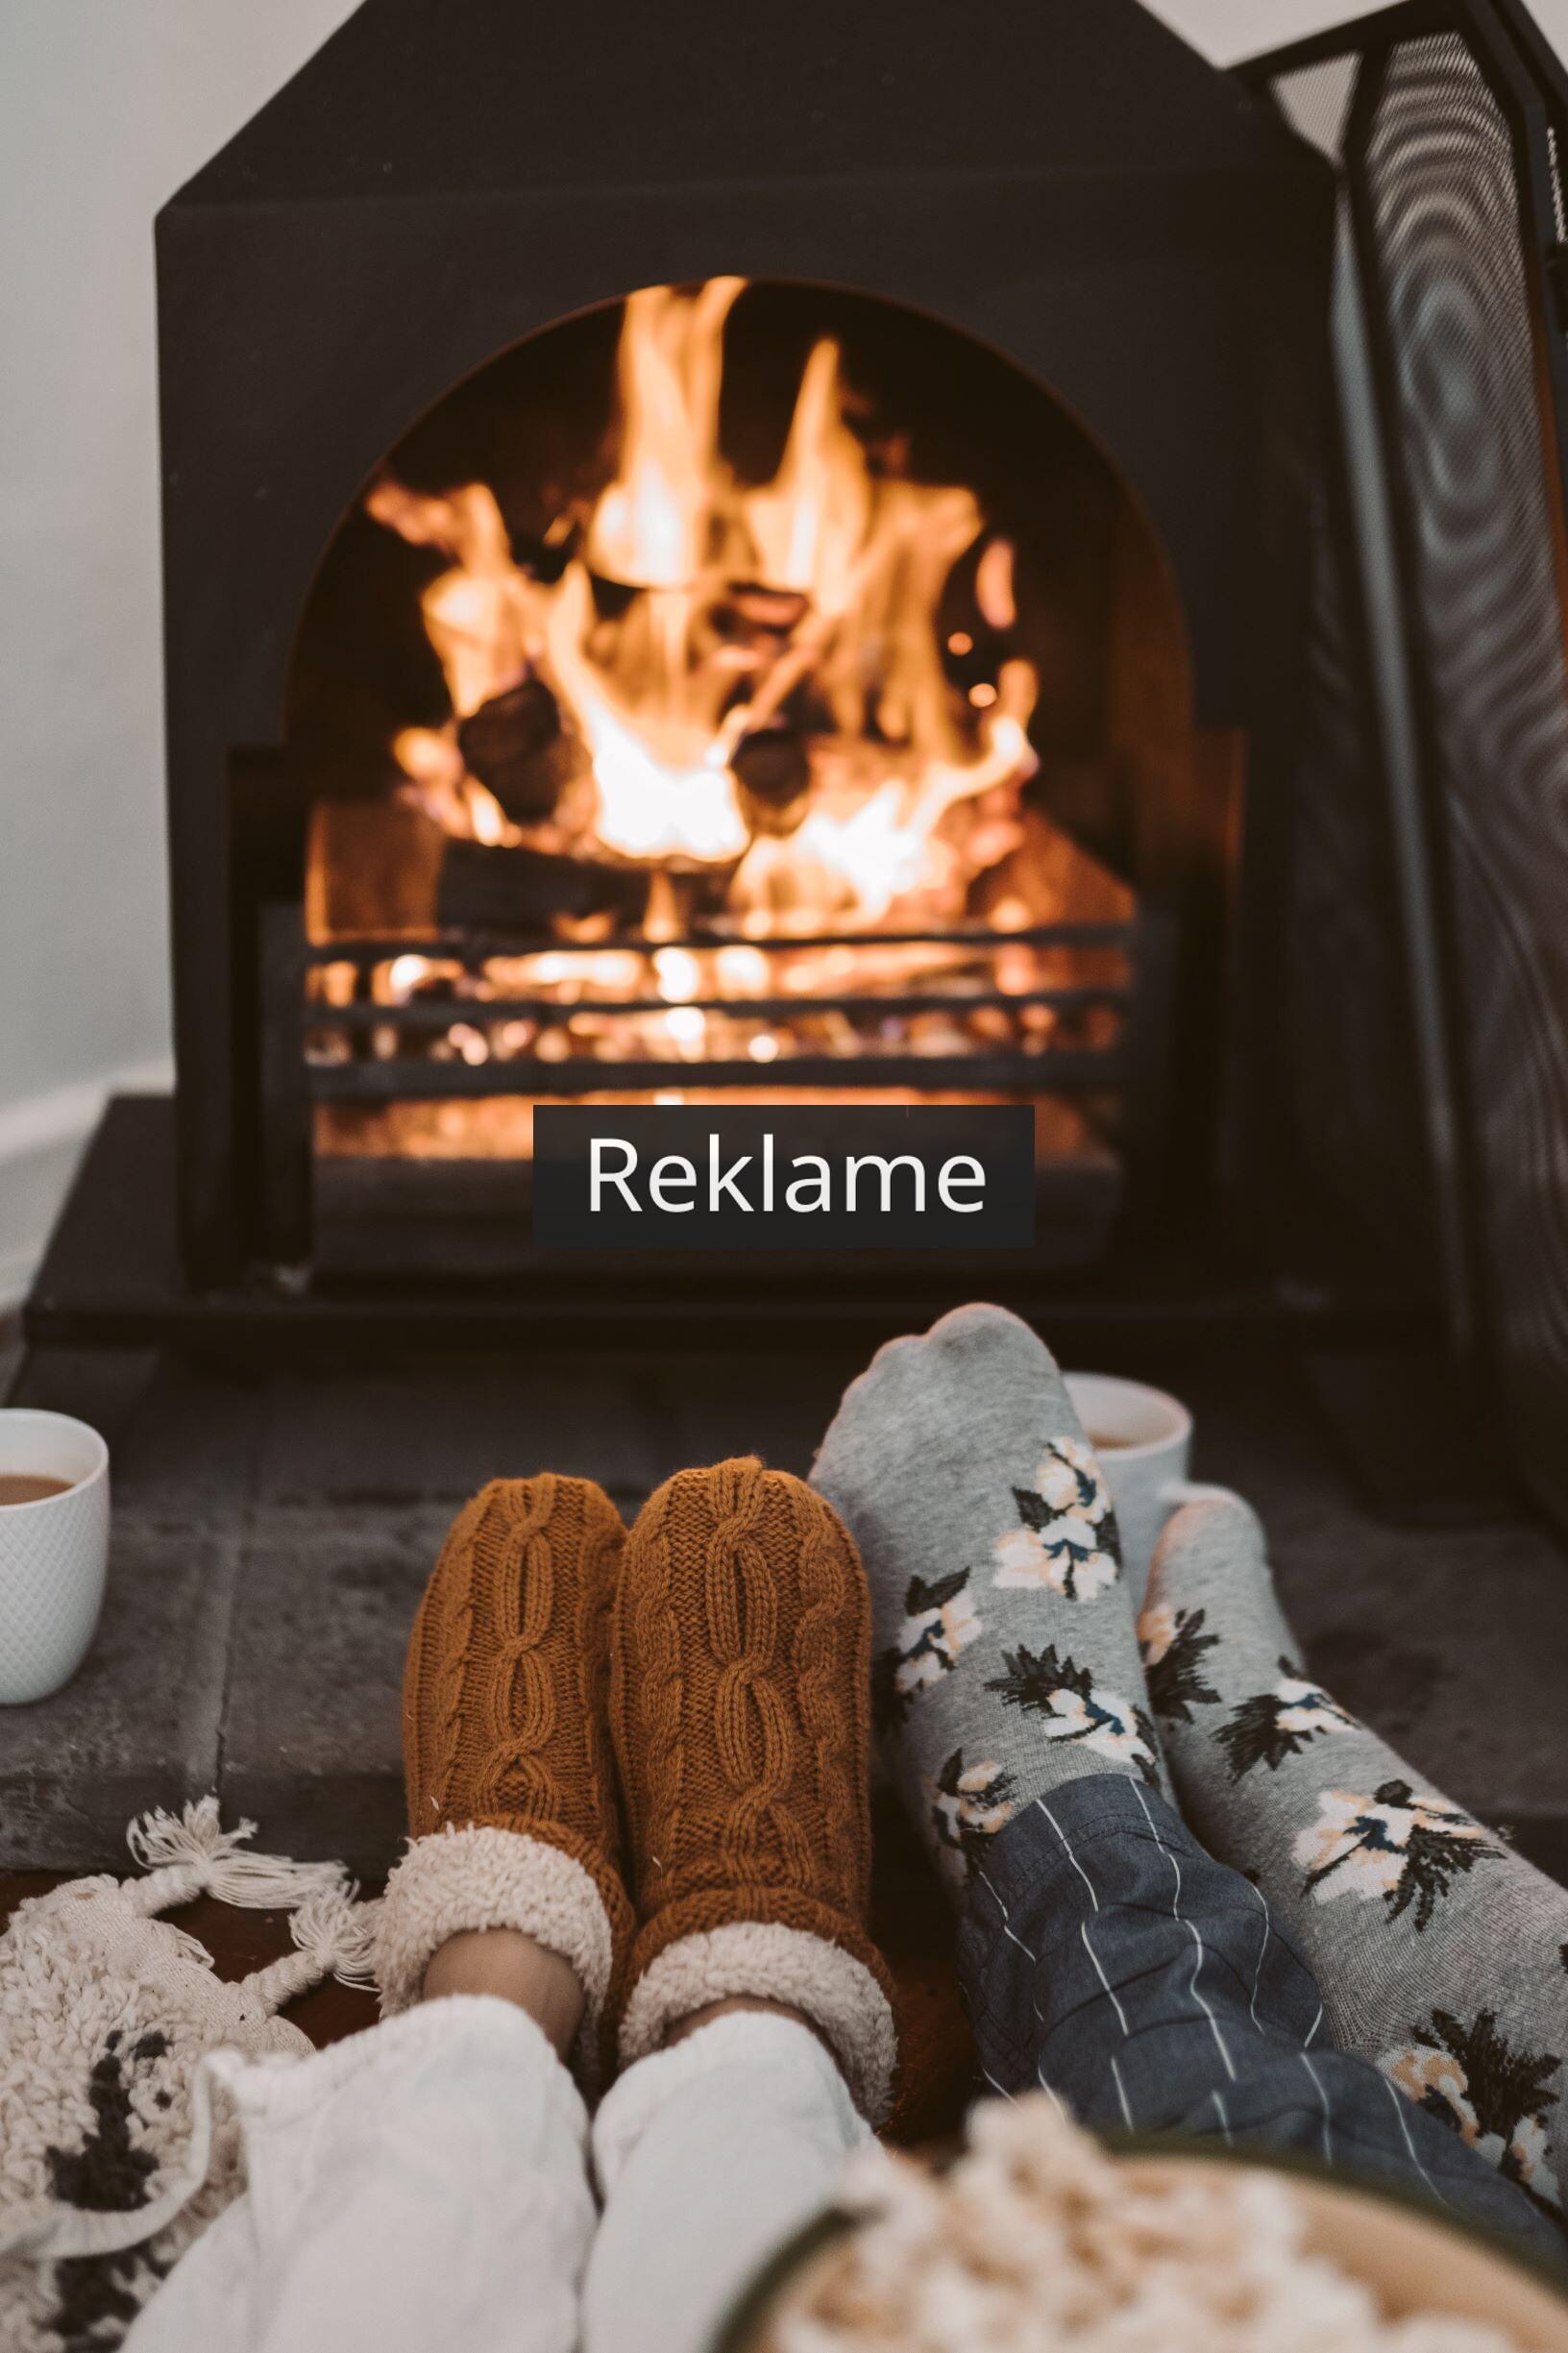 Hold varmen med efterisolering og varmepumpe på abonnement